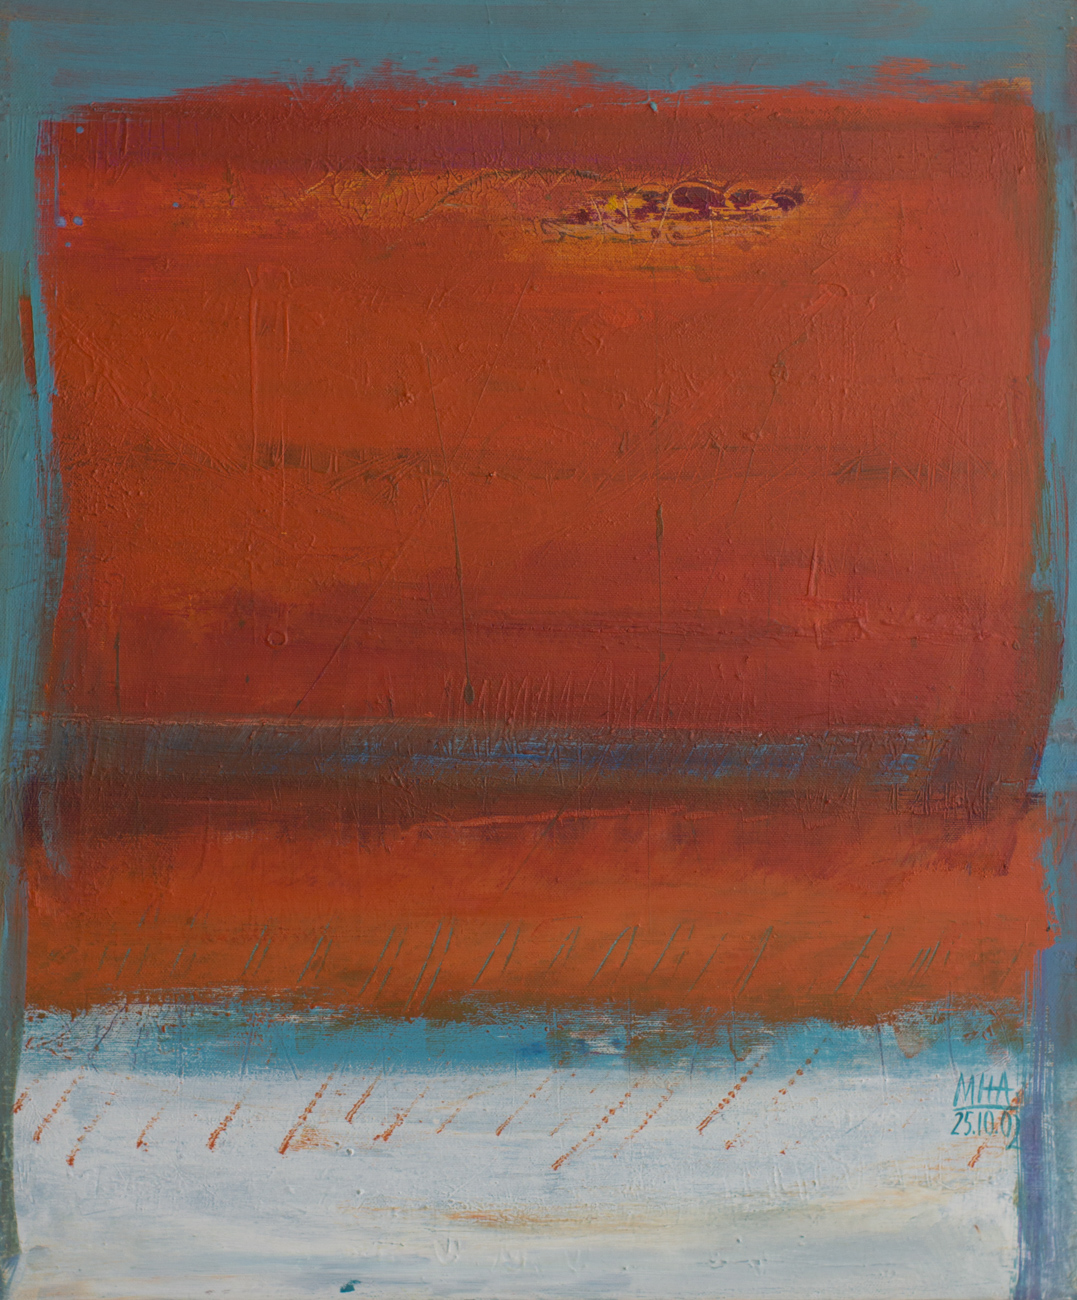 Tapiz 2 , 2002,Acryl auf Leinwand, 50x60 cm